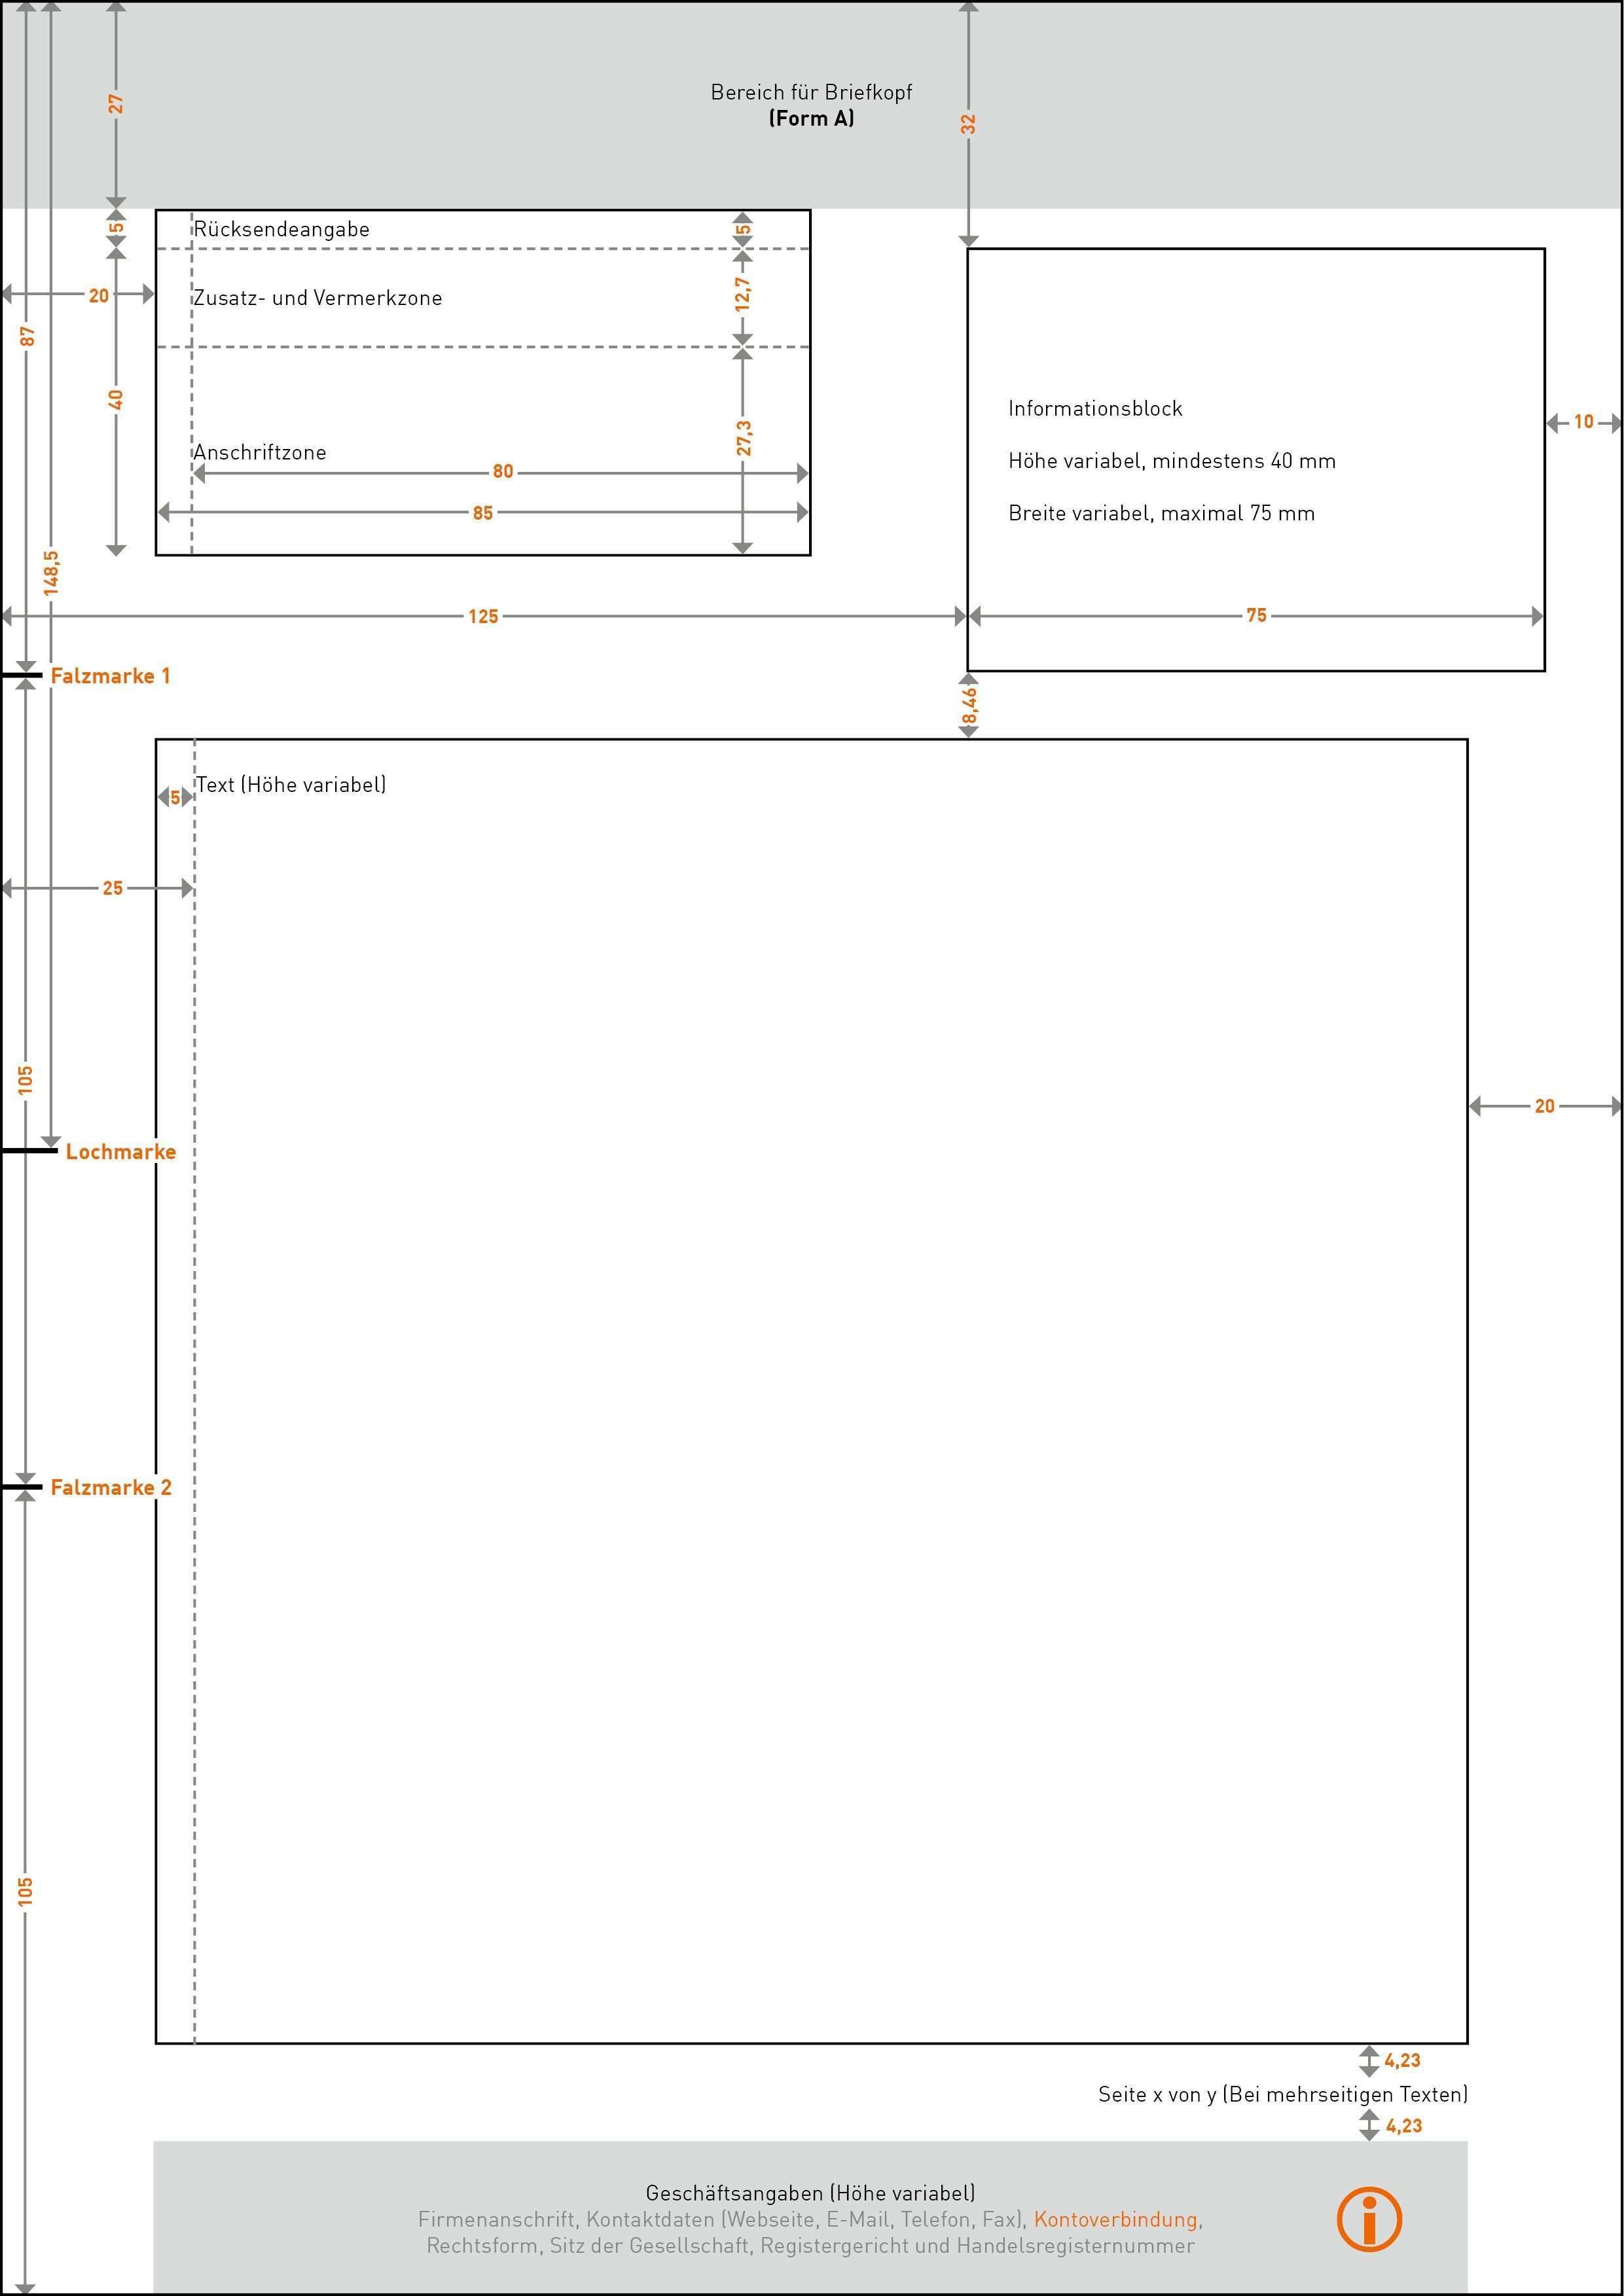 Sepa Kommt Vorlagen Fur Ihr Geschaftspapier Viaprinto Blog Briefbogen Vorlage Briefbogen Briefpapier Design